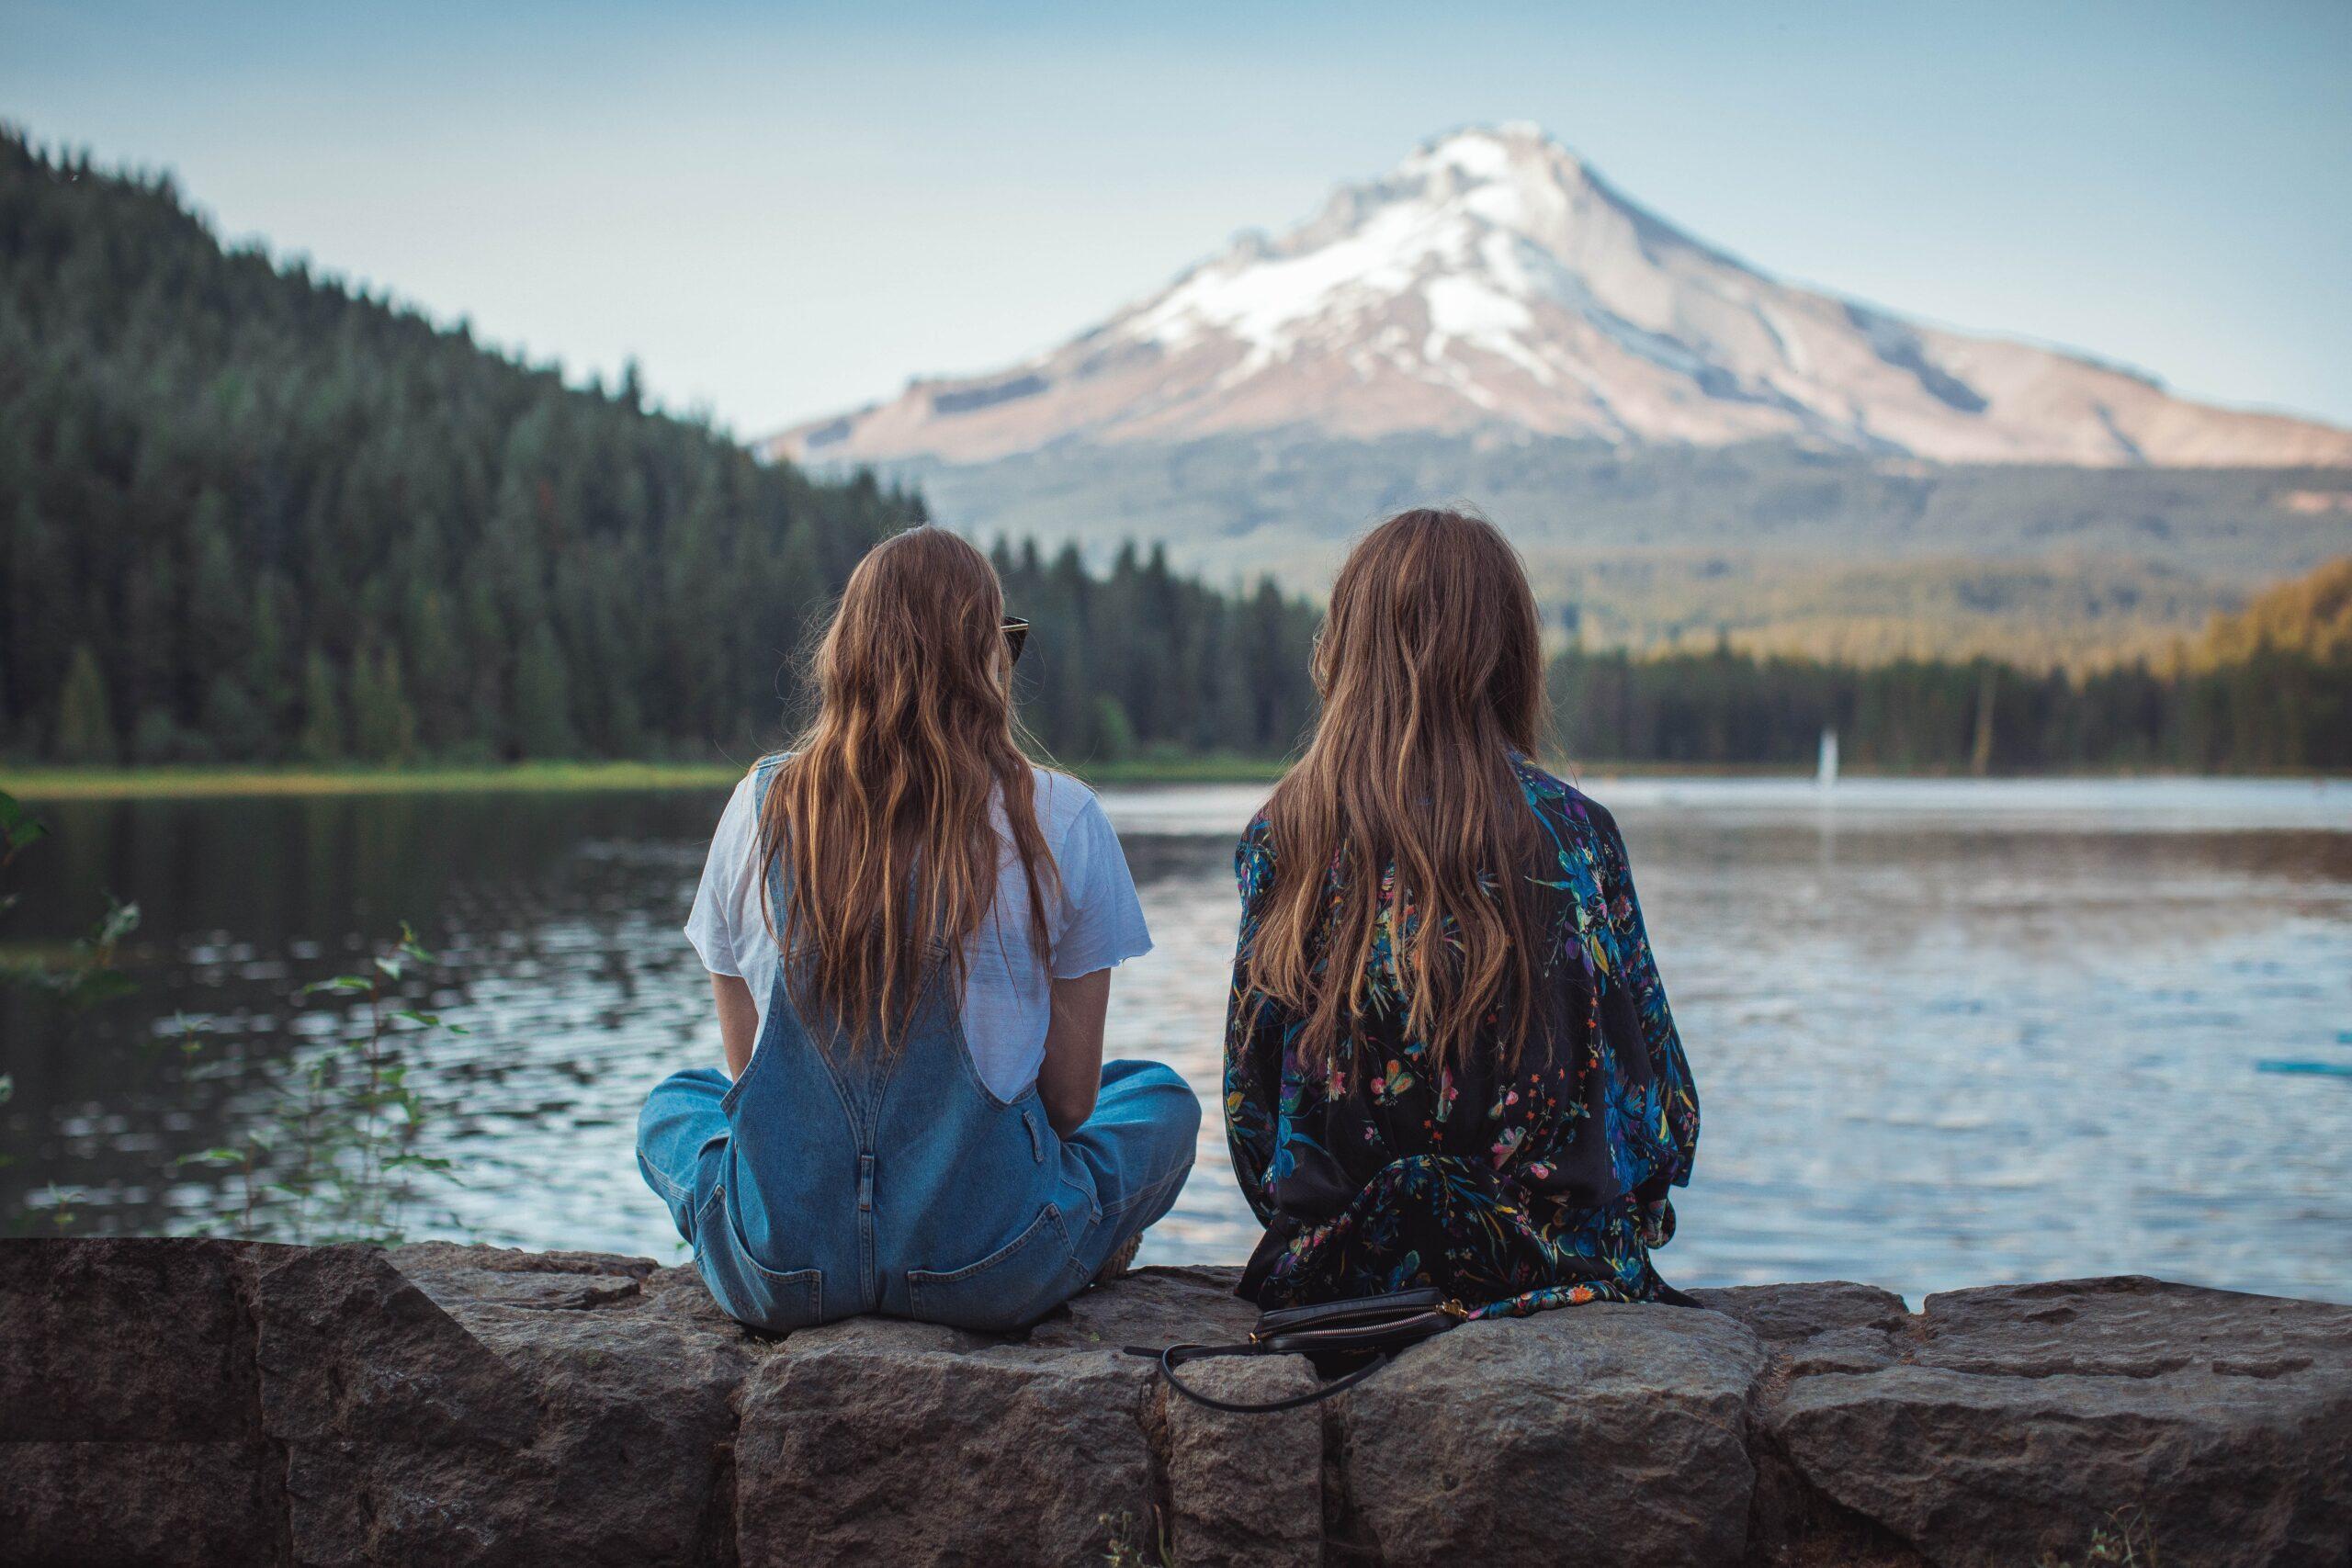 女性二人が自然の風景を堪能している画像